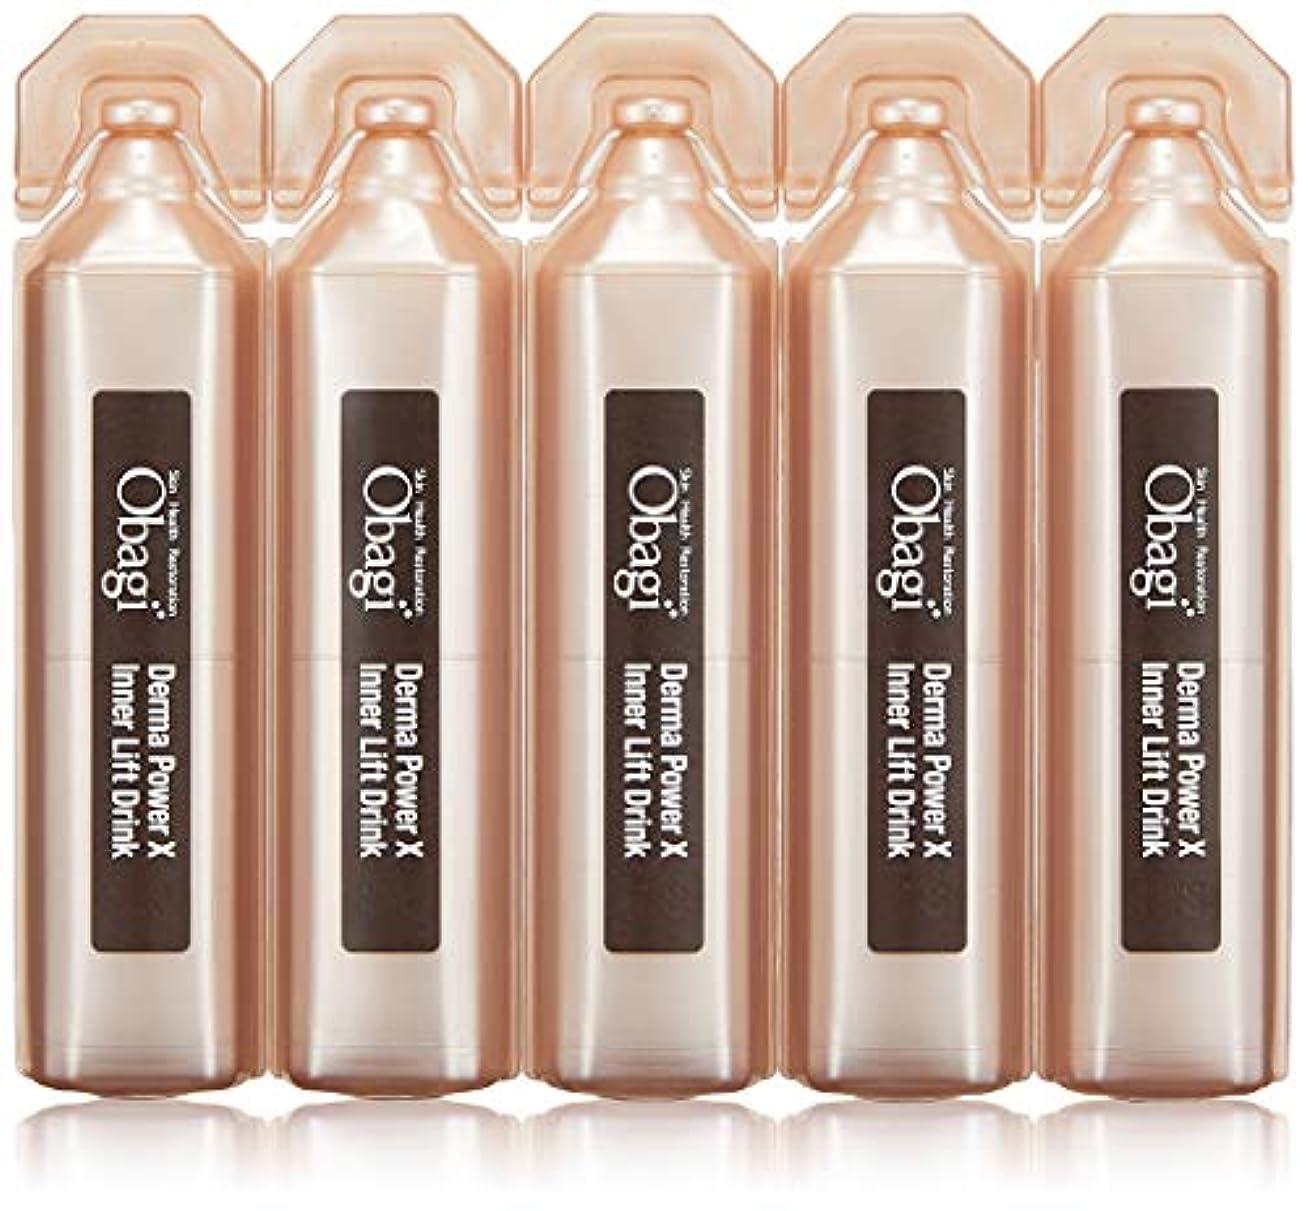 感謝祭原油利点Obagi(オバジ) オバジ ダーマパワーX インナーリフト ドリンク(美容飲料) 20mL×10本